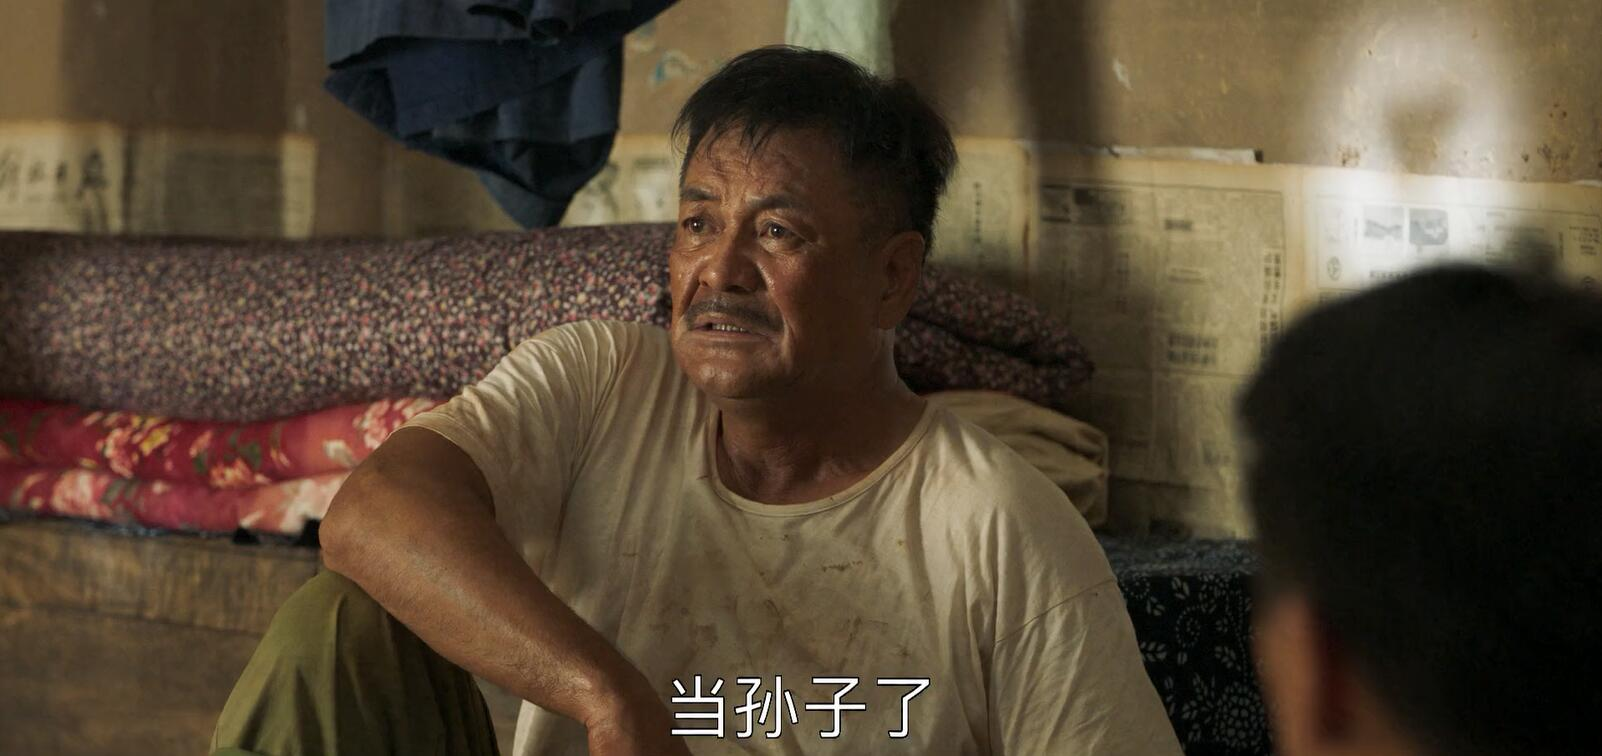 影视剧 - 山海情原声版 无水印-不知君